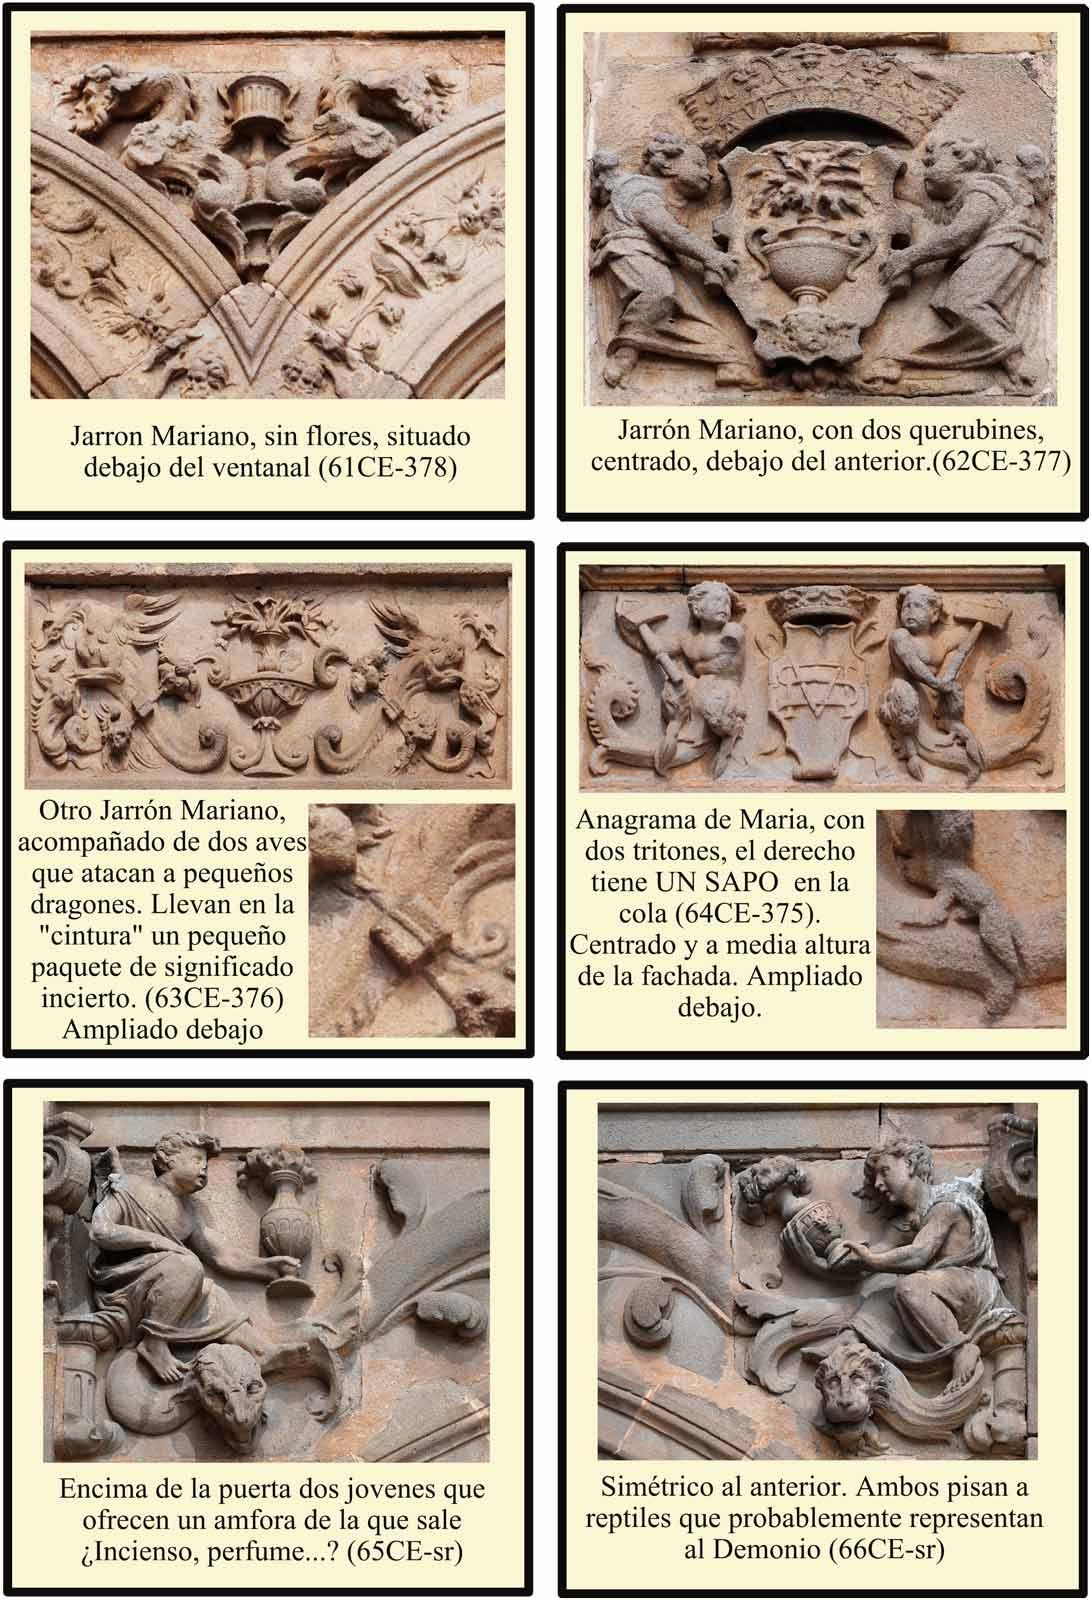 Simbolos marianos en la portada del Enlosado de la Catedral. Sapo como simbolo del pecado